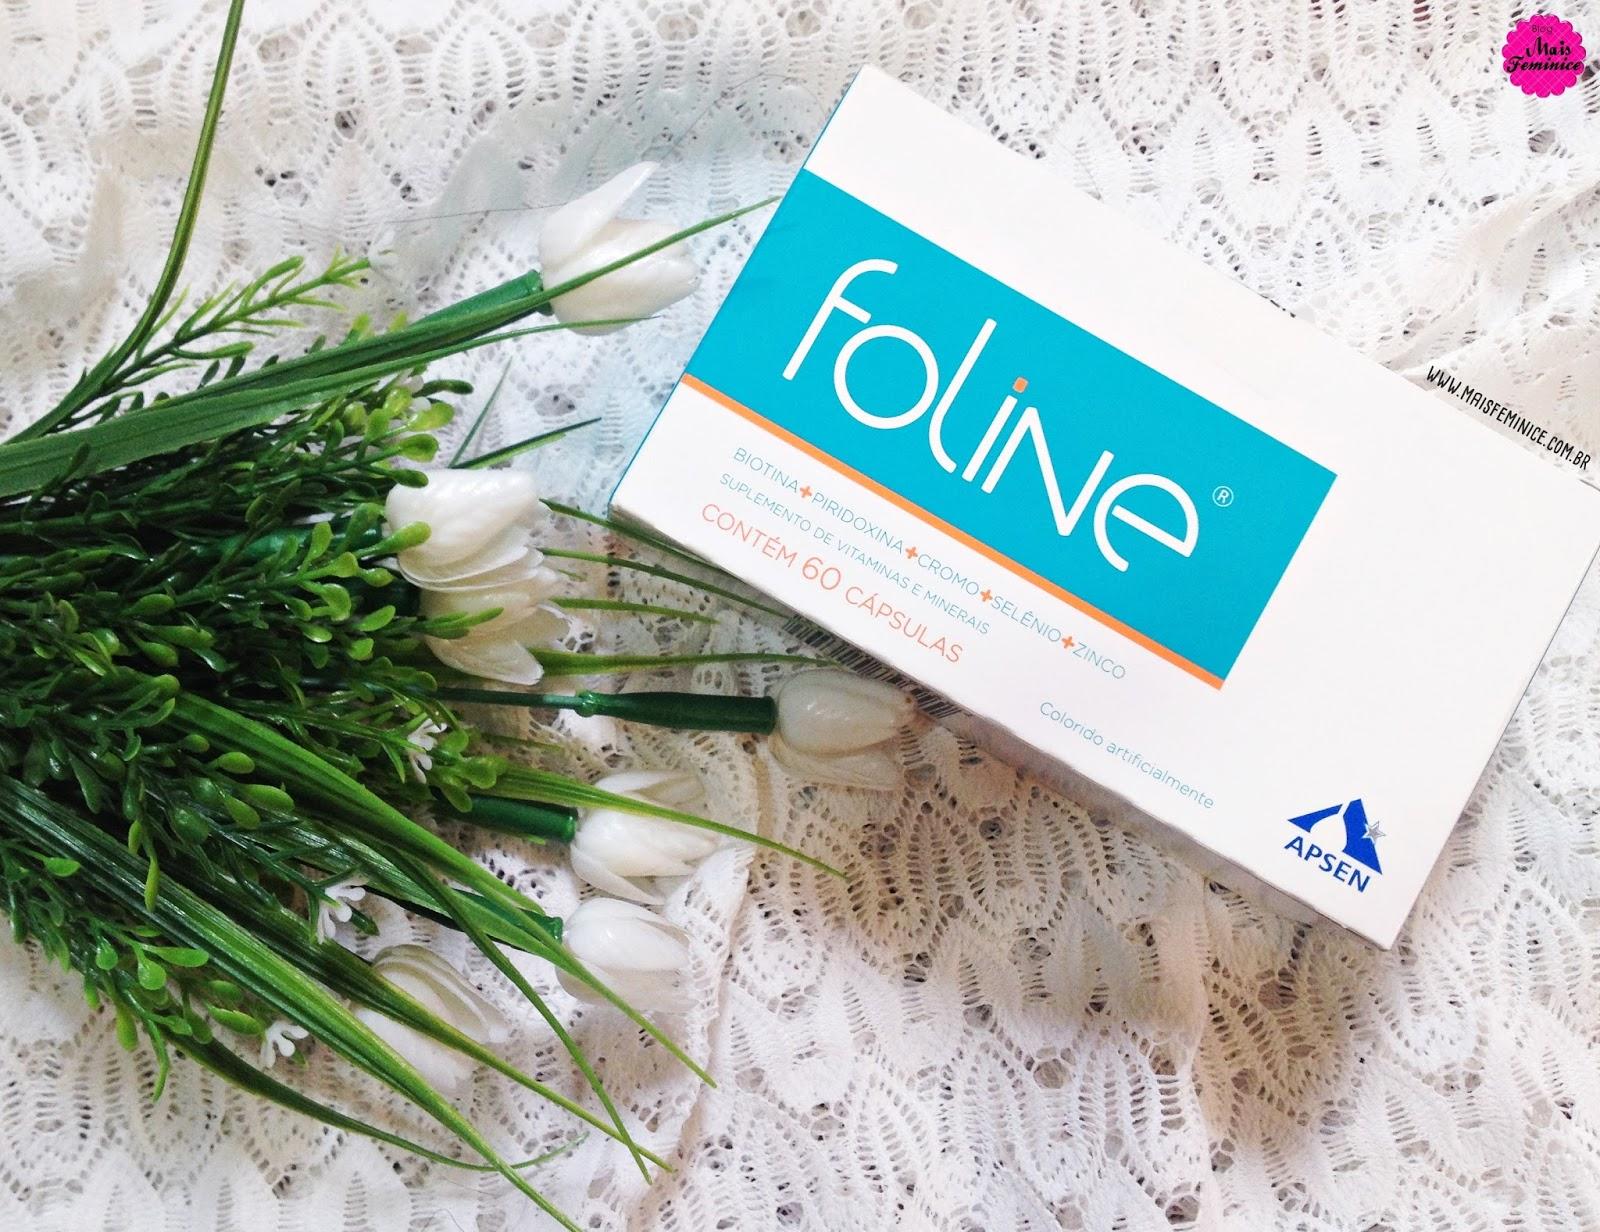 Foline - Suplemento de vitaminas e minerais